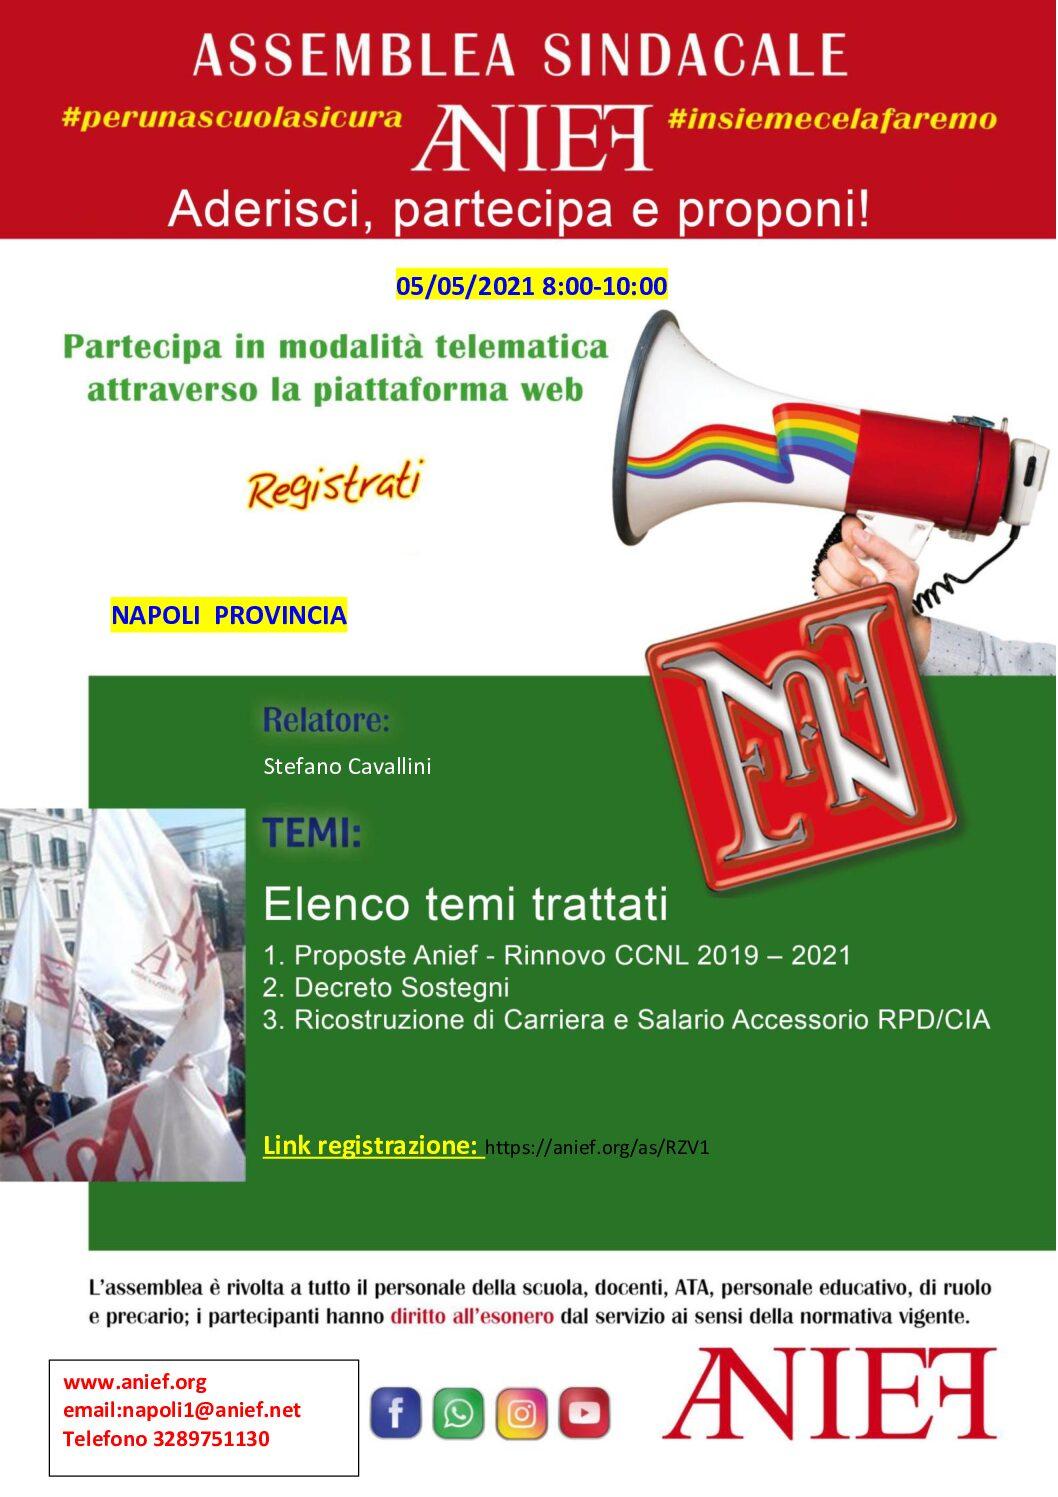 Convocazione di un'assemblea sindacale, in orario di servizio, del personale dell'istituzione scolastica